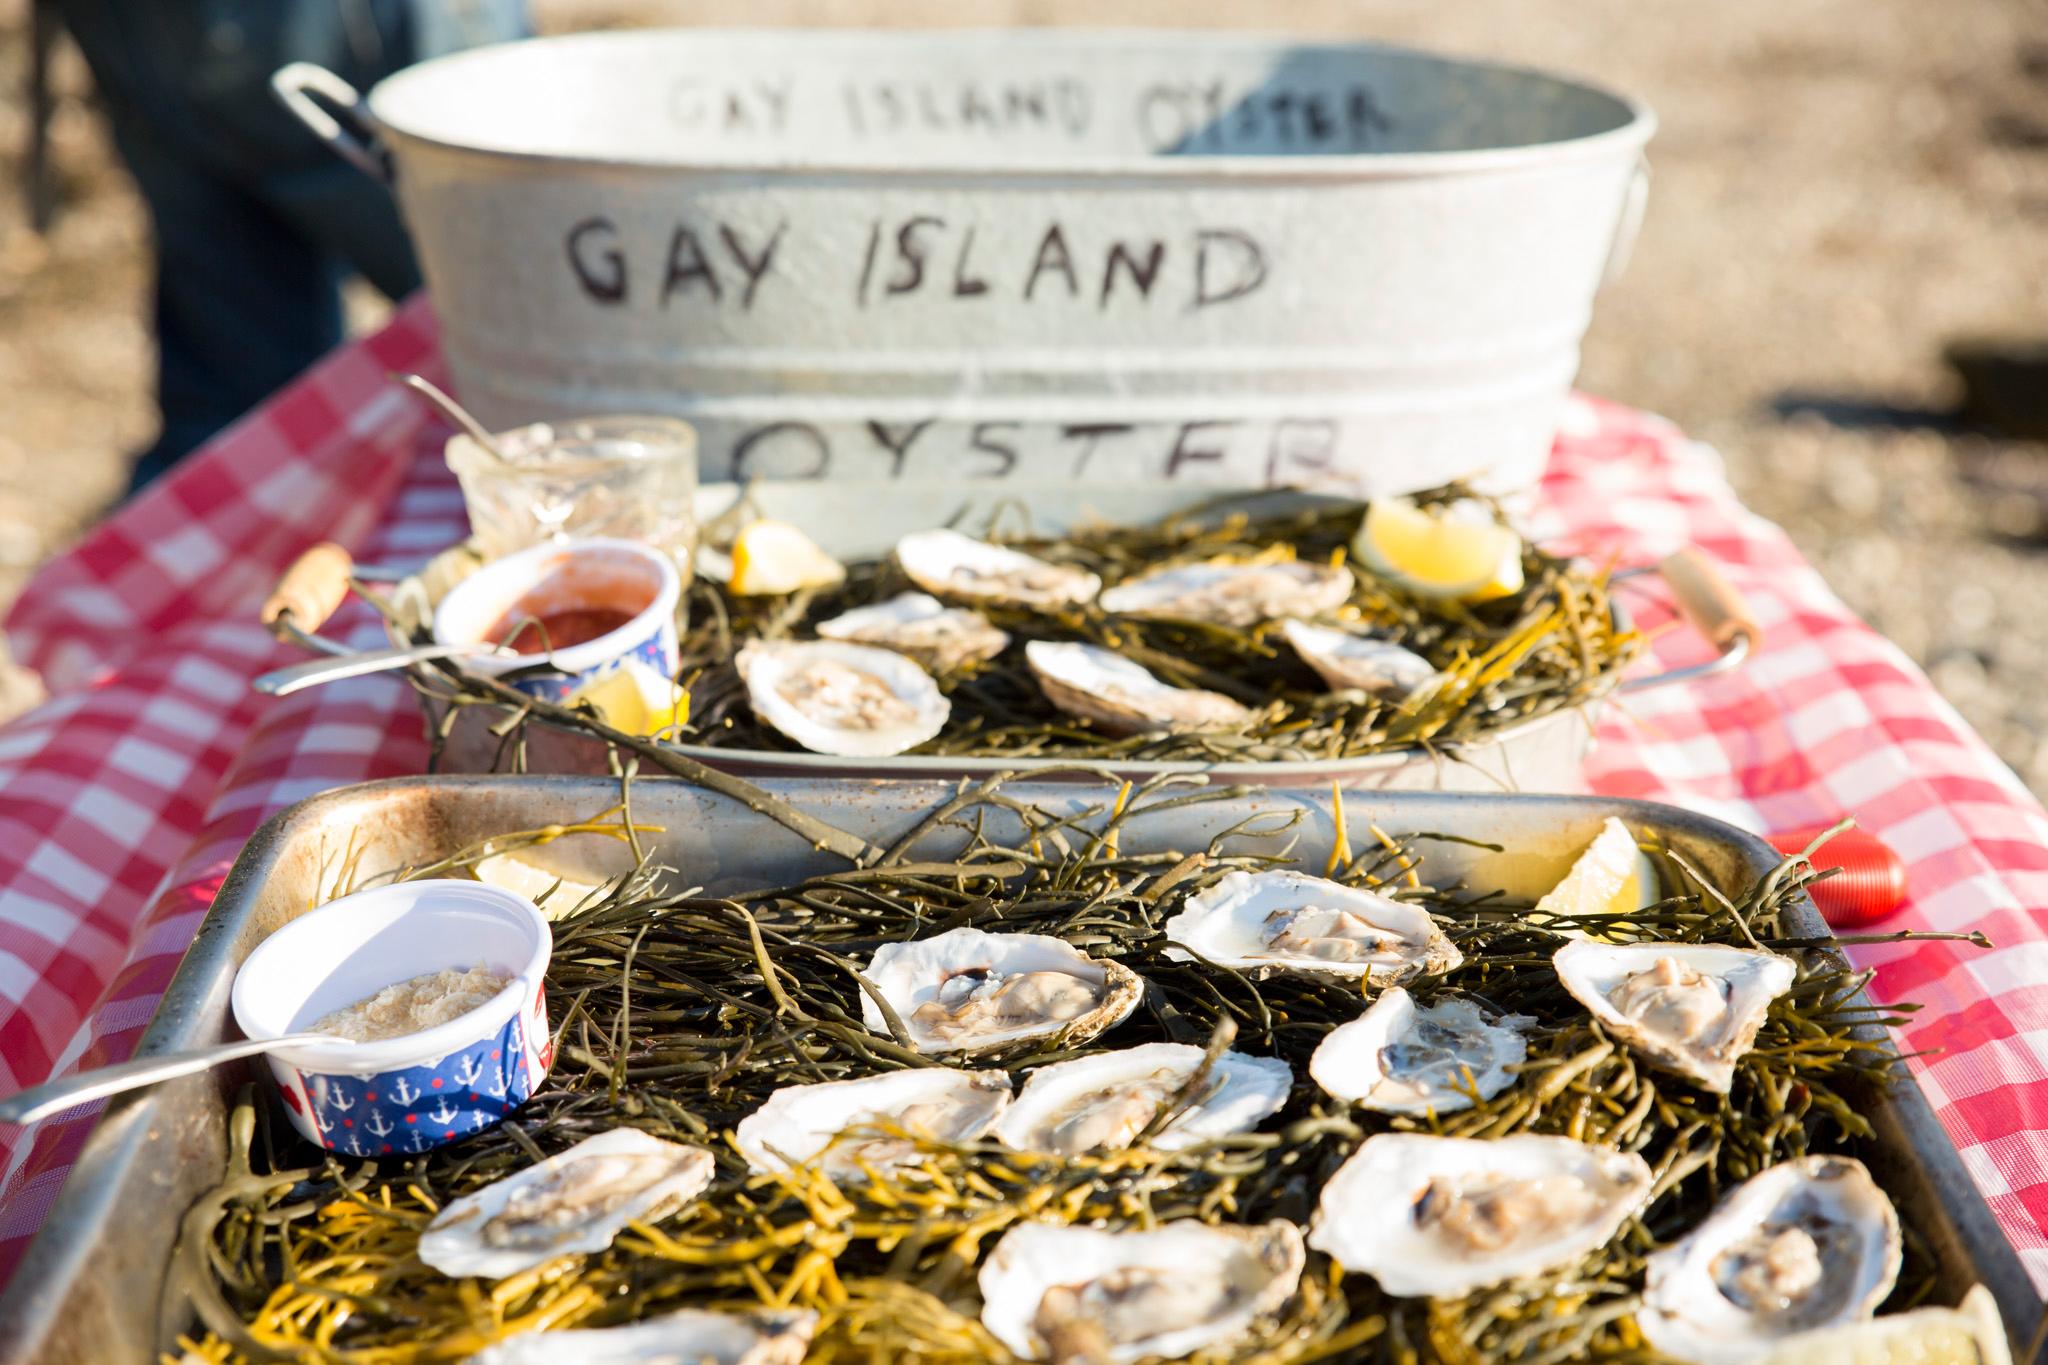 Gay Island Oyster Farm